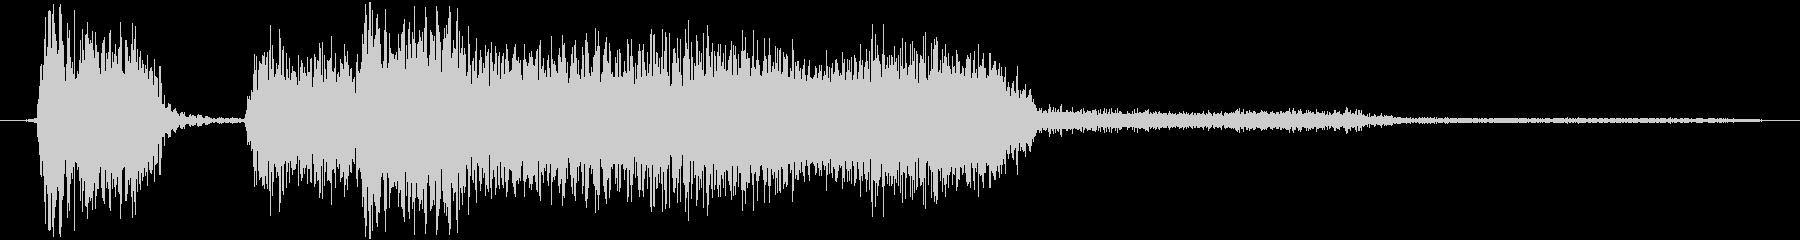 ゲーム、クイズ(正解)_006の未再生の波形